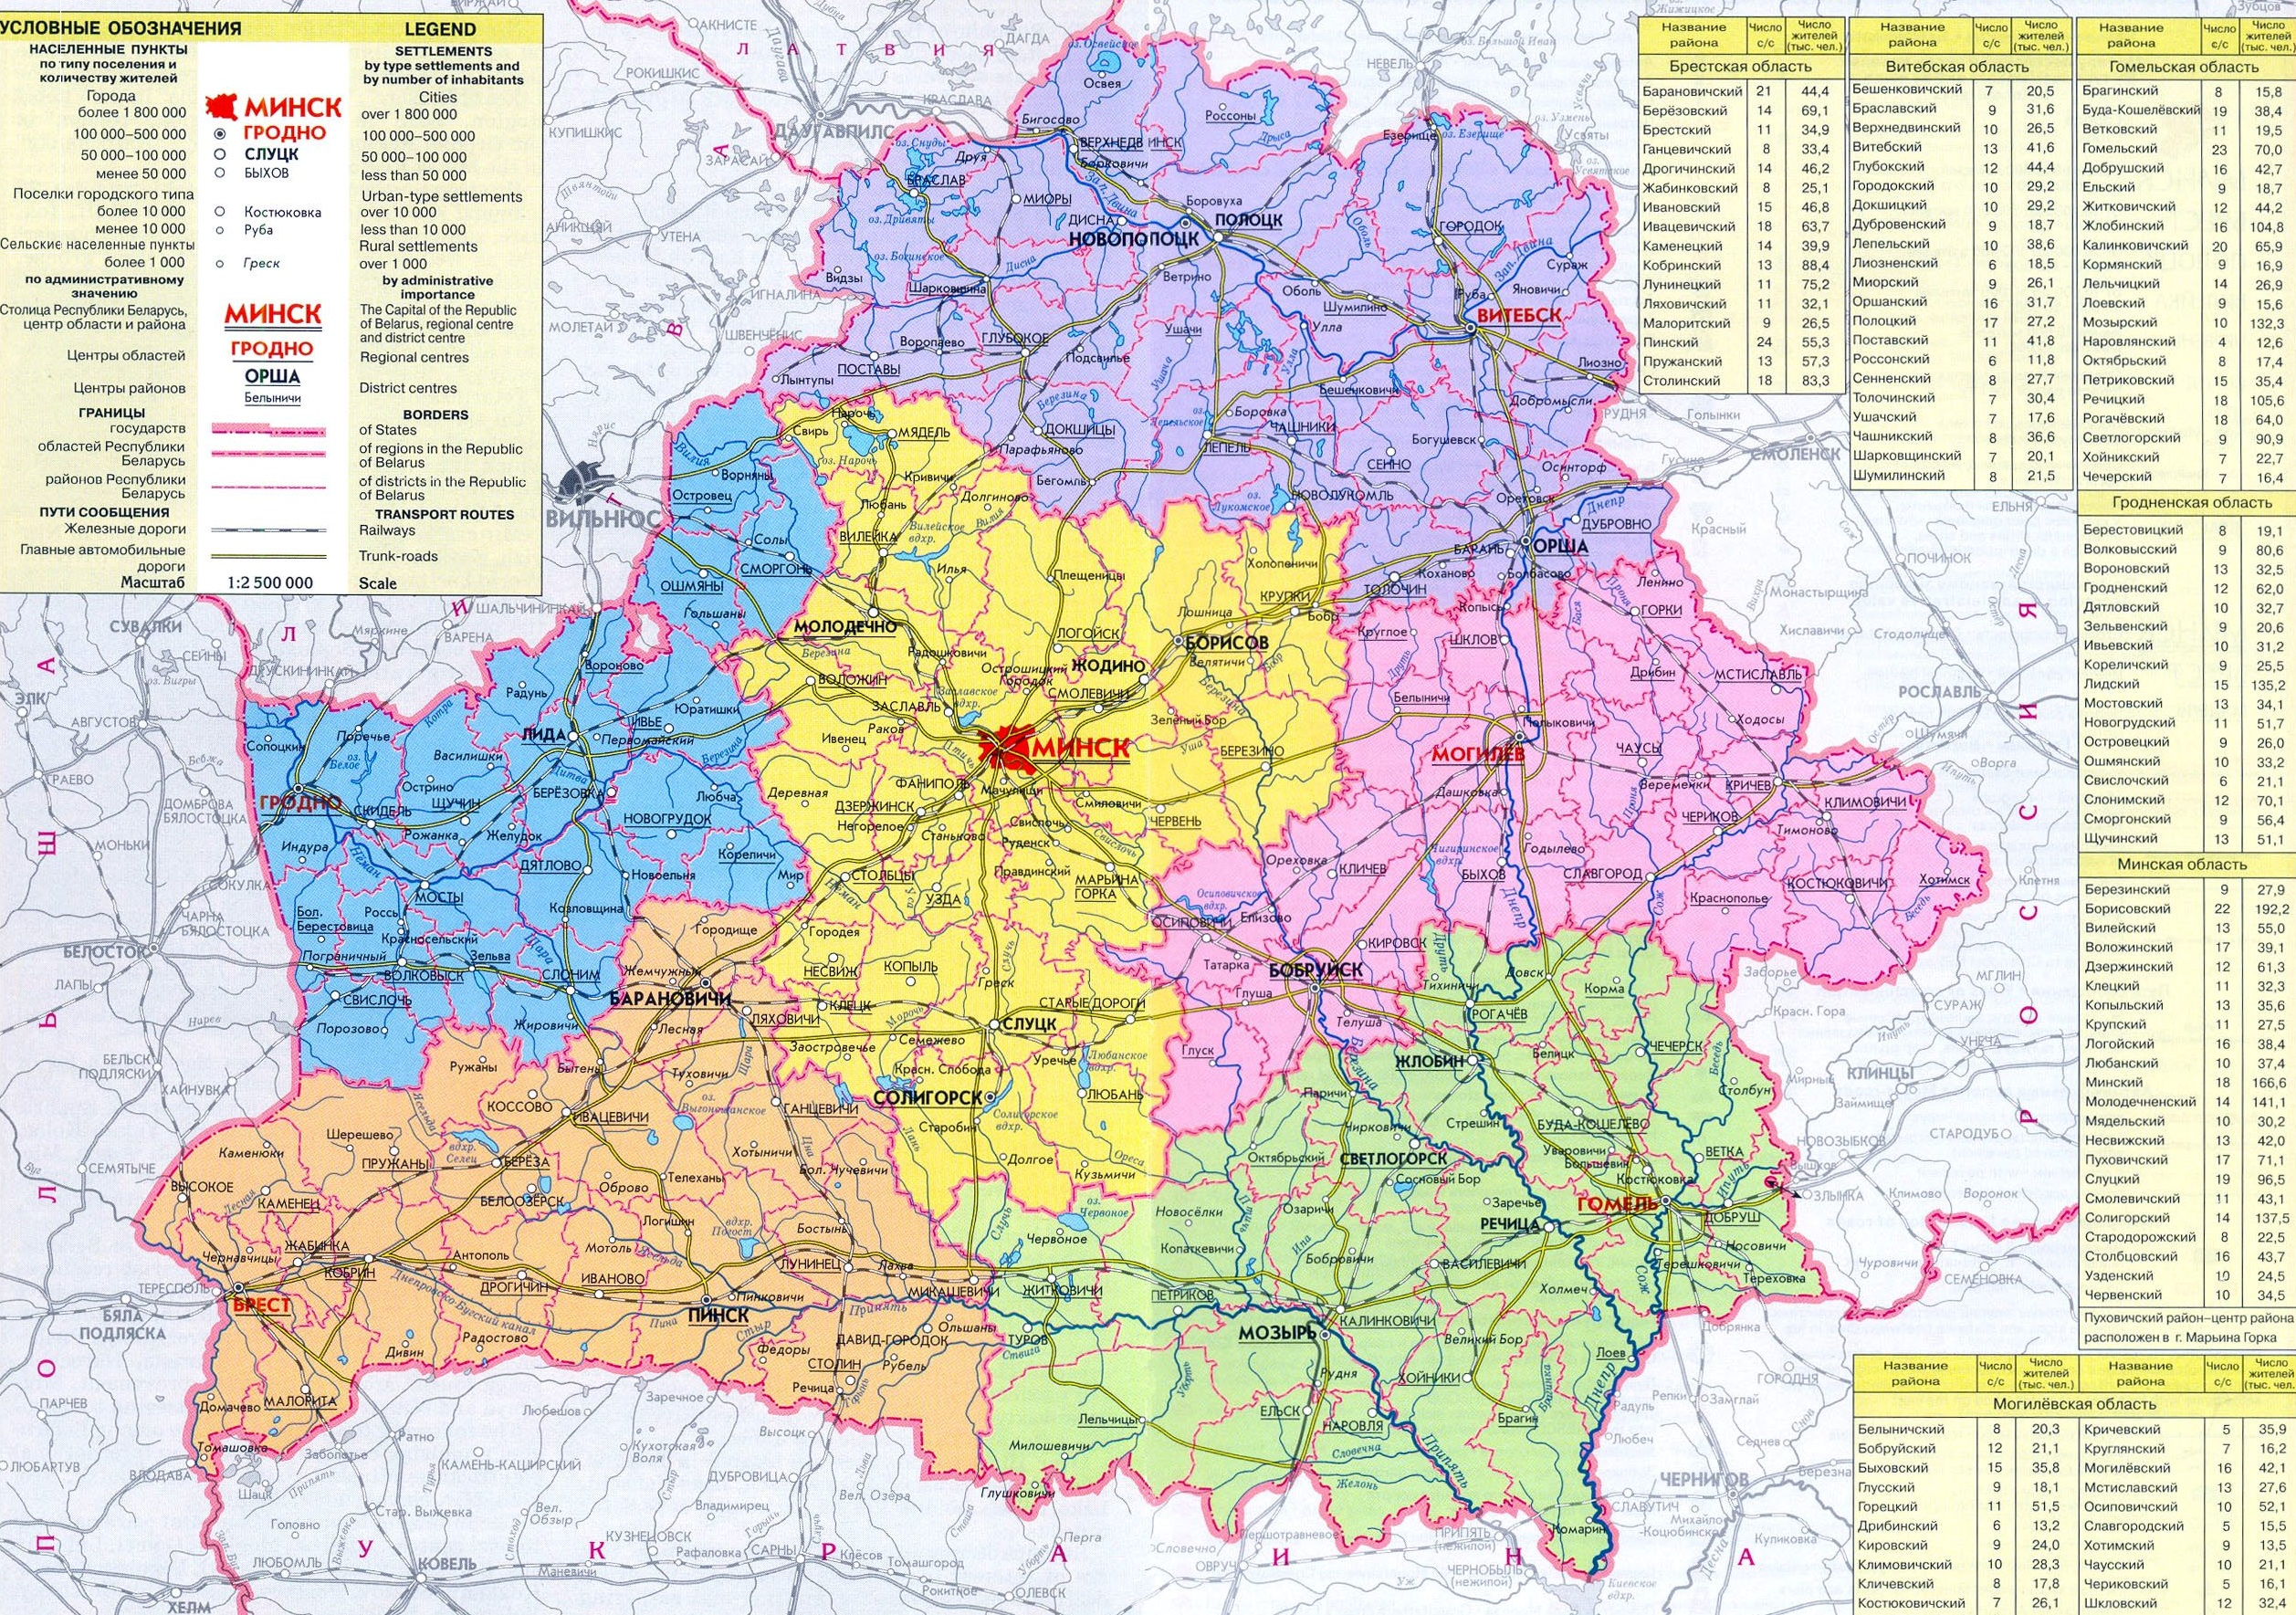 Карта Белоруссии с городами | Виртуальный туризм: http://virtune.ru/karta-belorussii-s-gorodami/